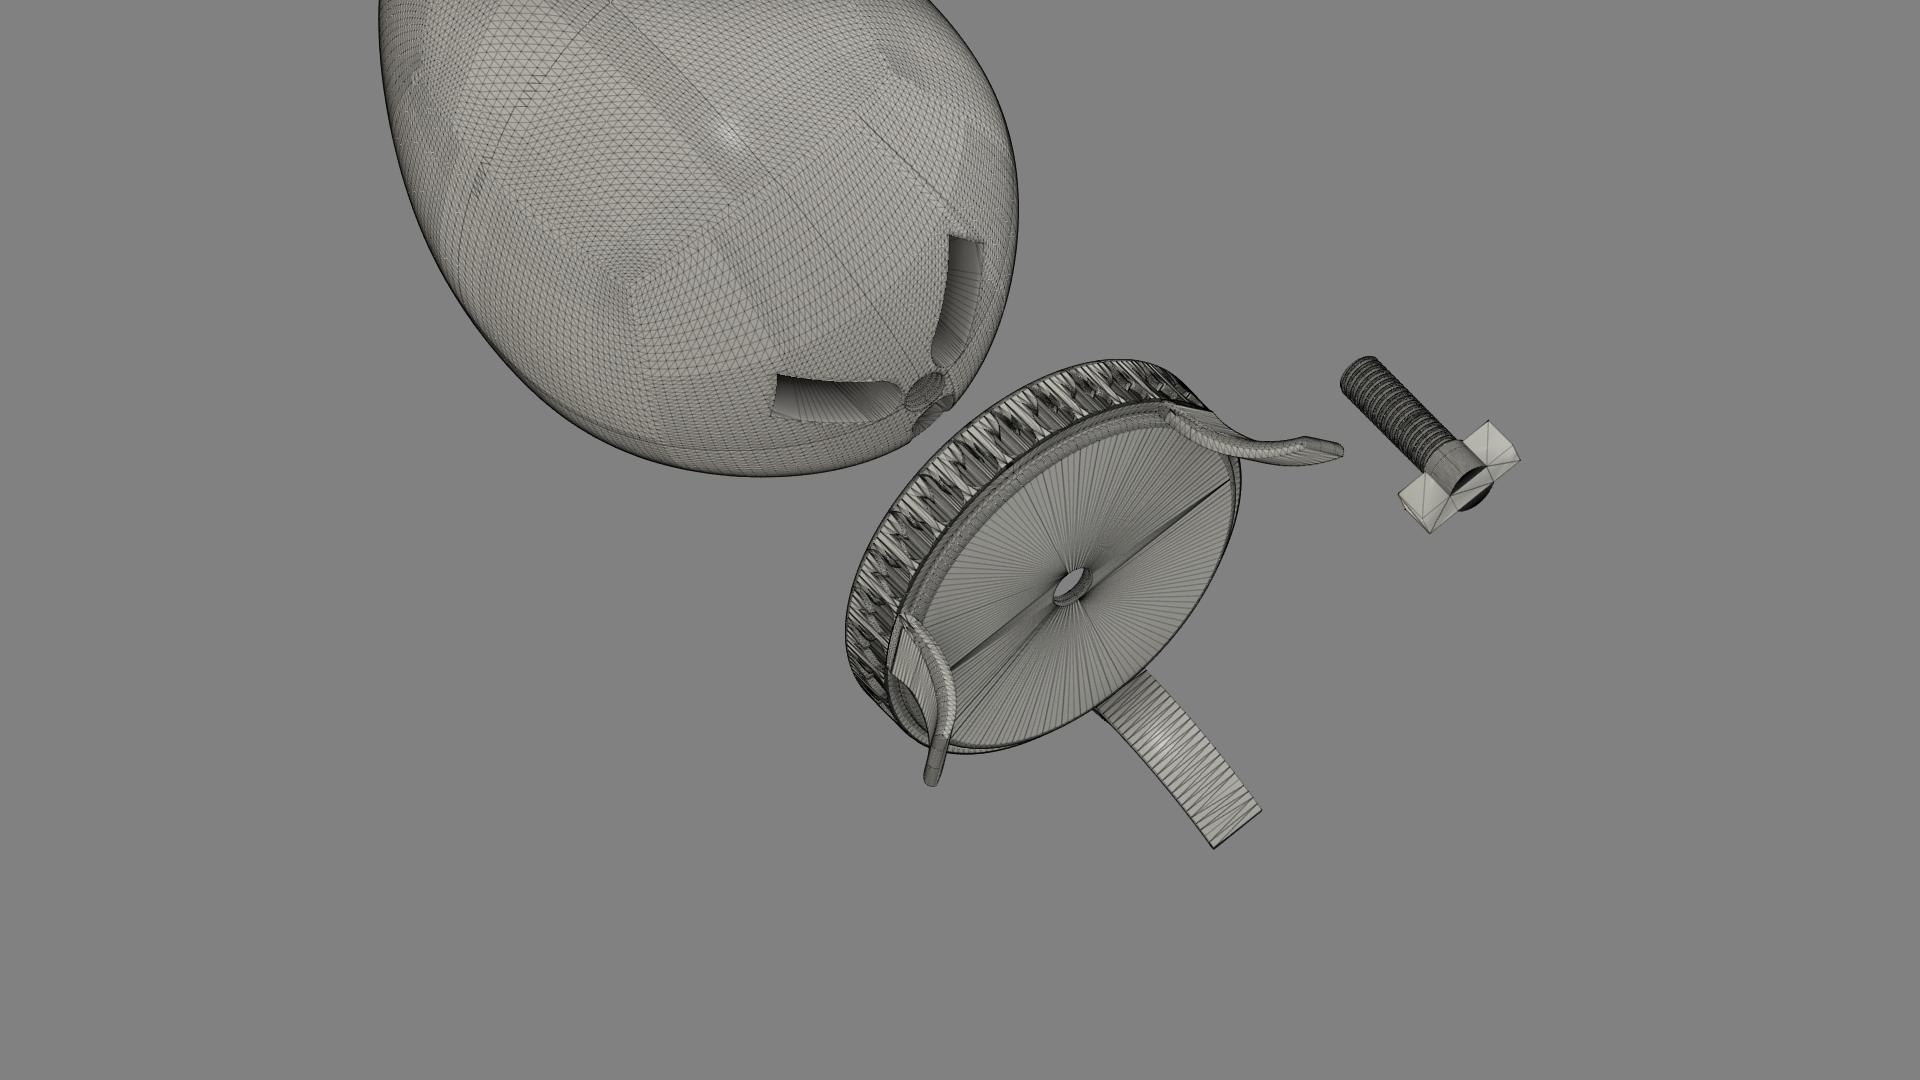 Harry Potter Egg v5.png Télécharger fichier OBJ gratuit Modèle d'impression 3D de Harry Potter et la Coupe de feu (Oeuf) • Objet à imprimer en 3D, quaddalone